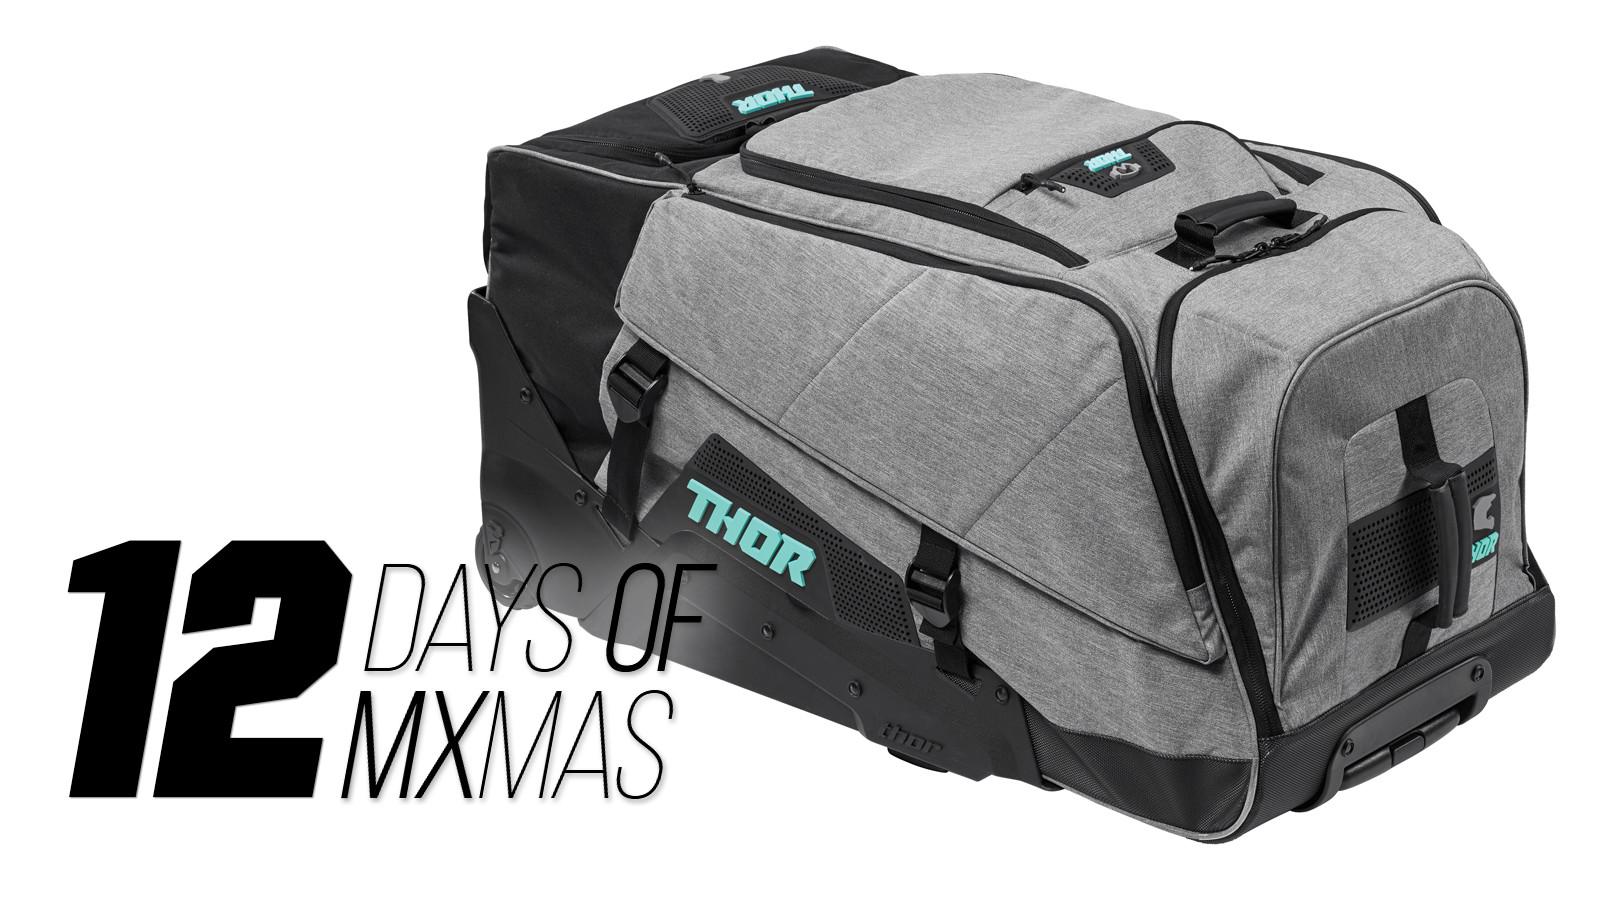 12 Days of MXmas: Thor